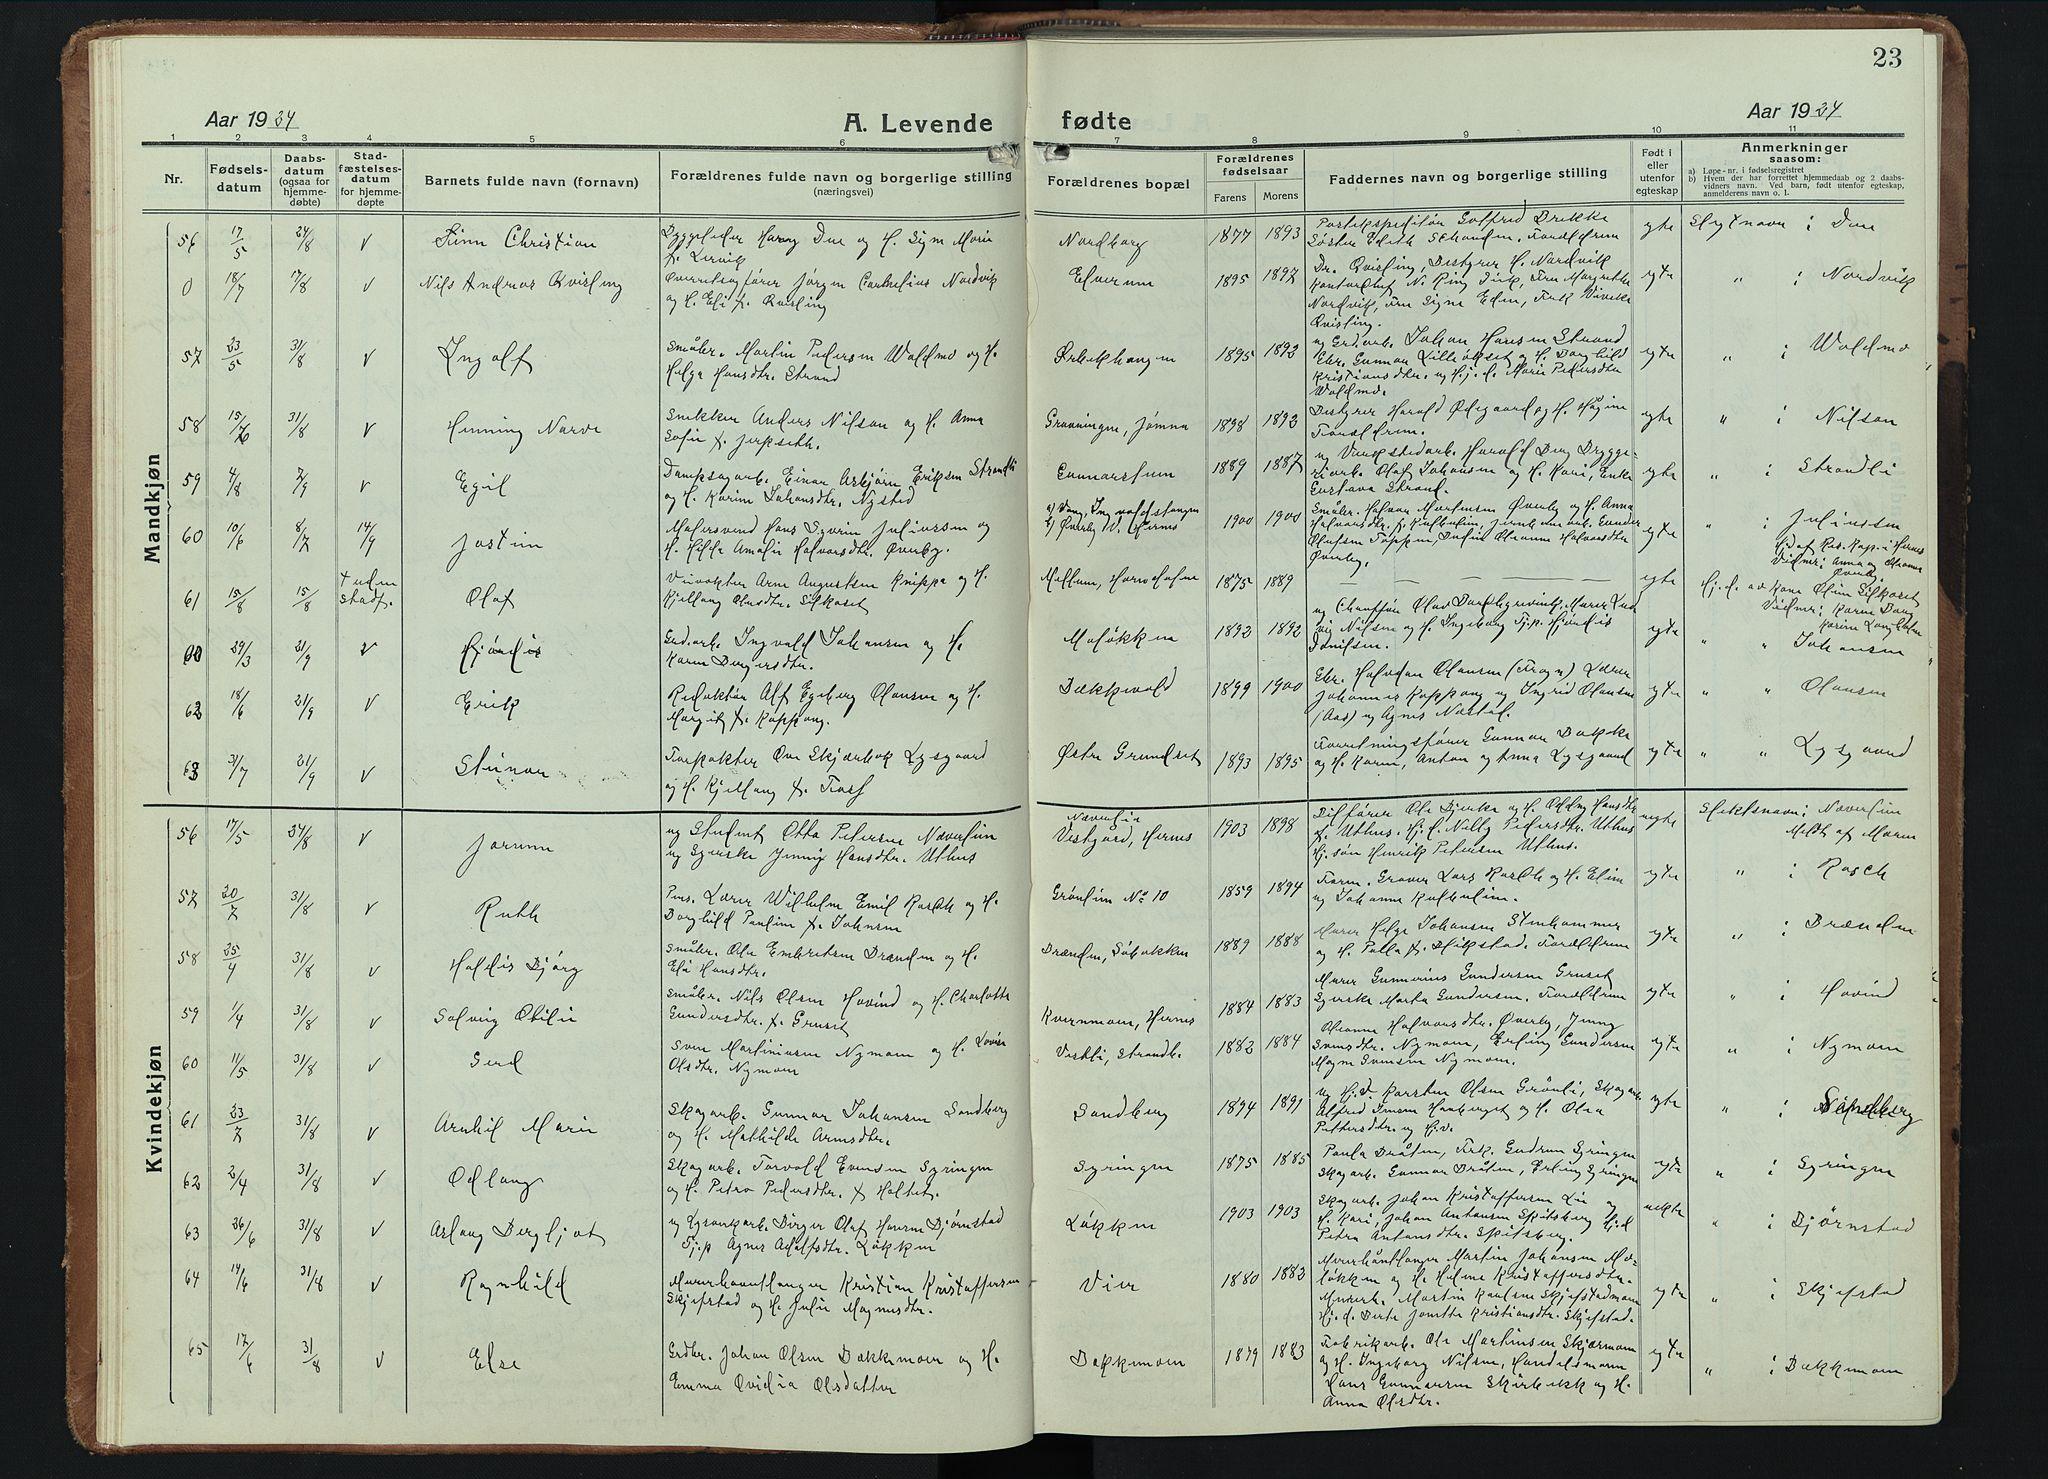 SAH, Elverum prestekontor, H/Ha/Hab/L0015#: Klokkerbok nr. 15, 1922-1945, s. 23